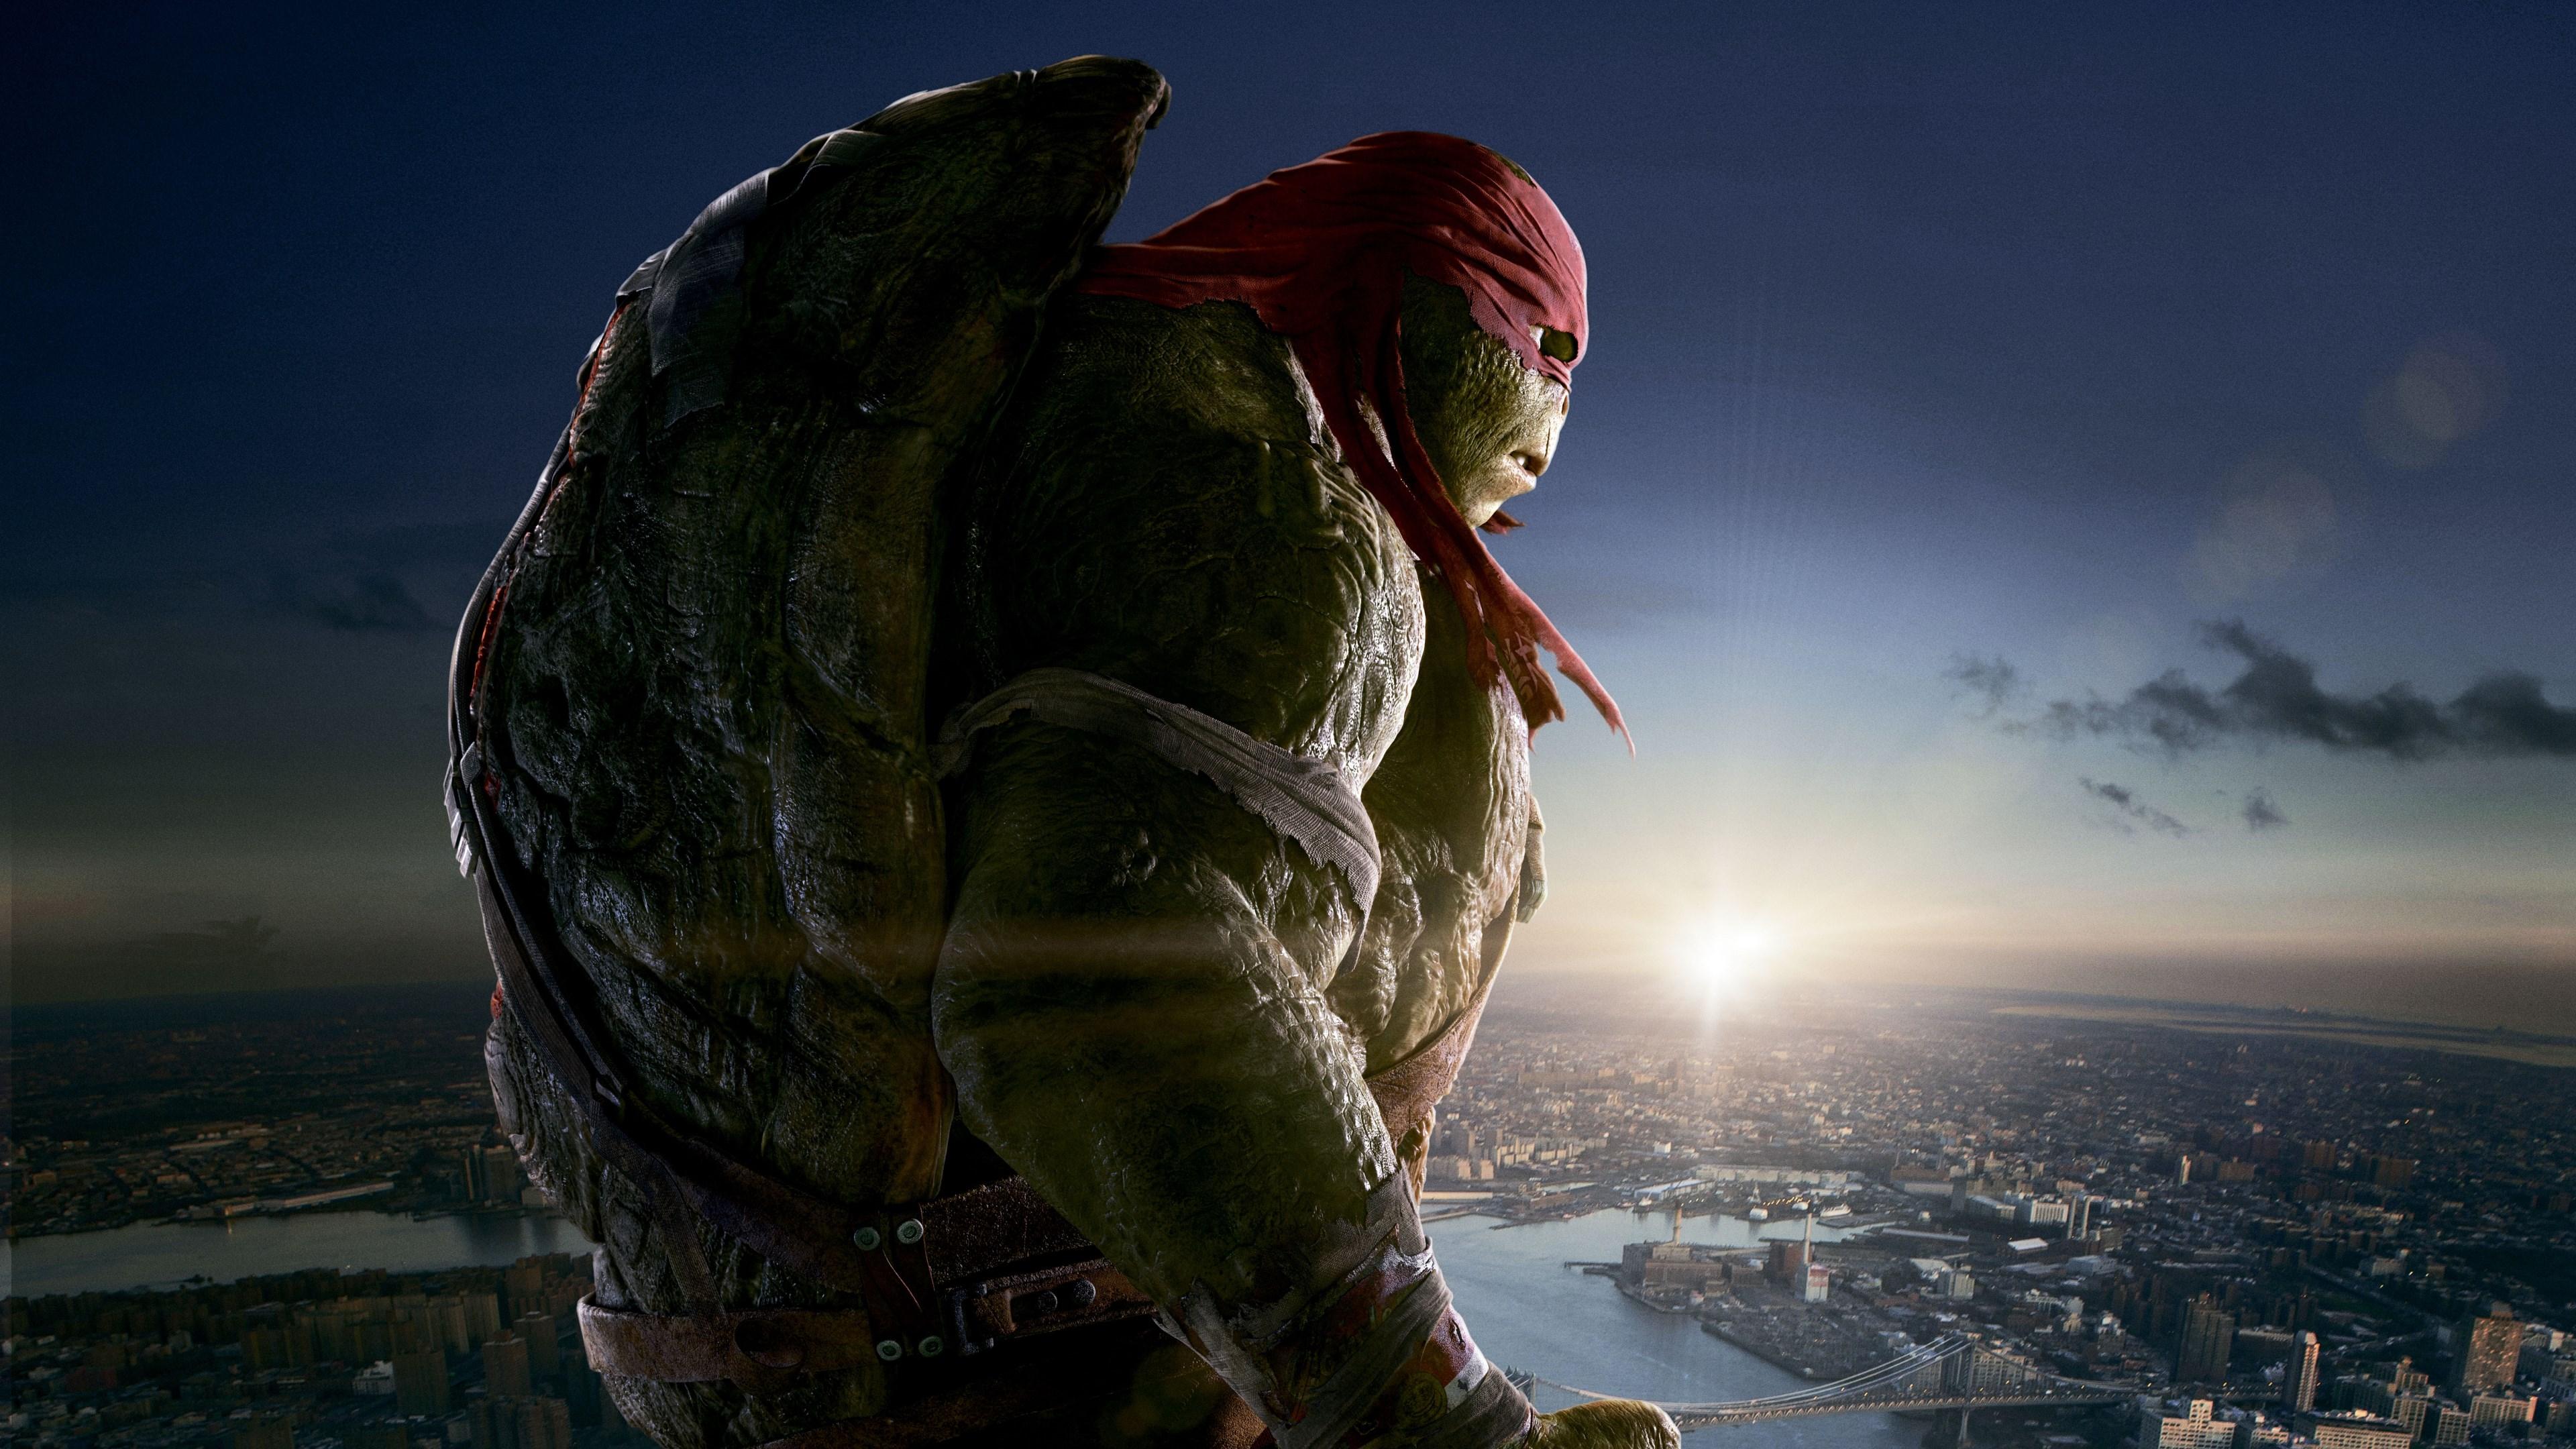 Raphael Teenage Mutant Ninja Turtles Wallpaper